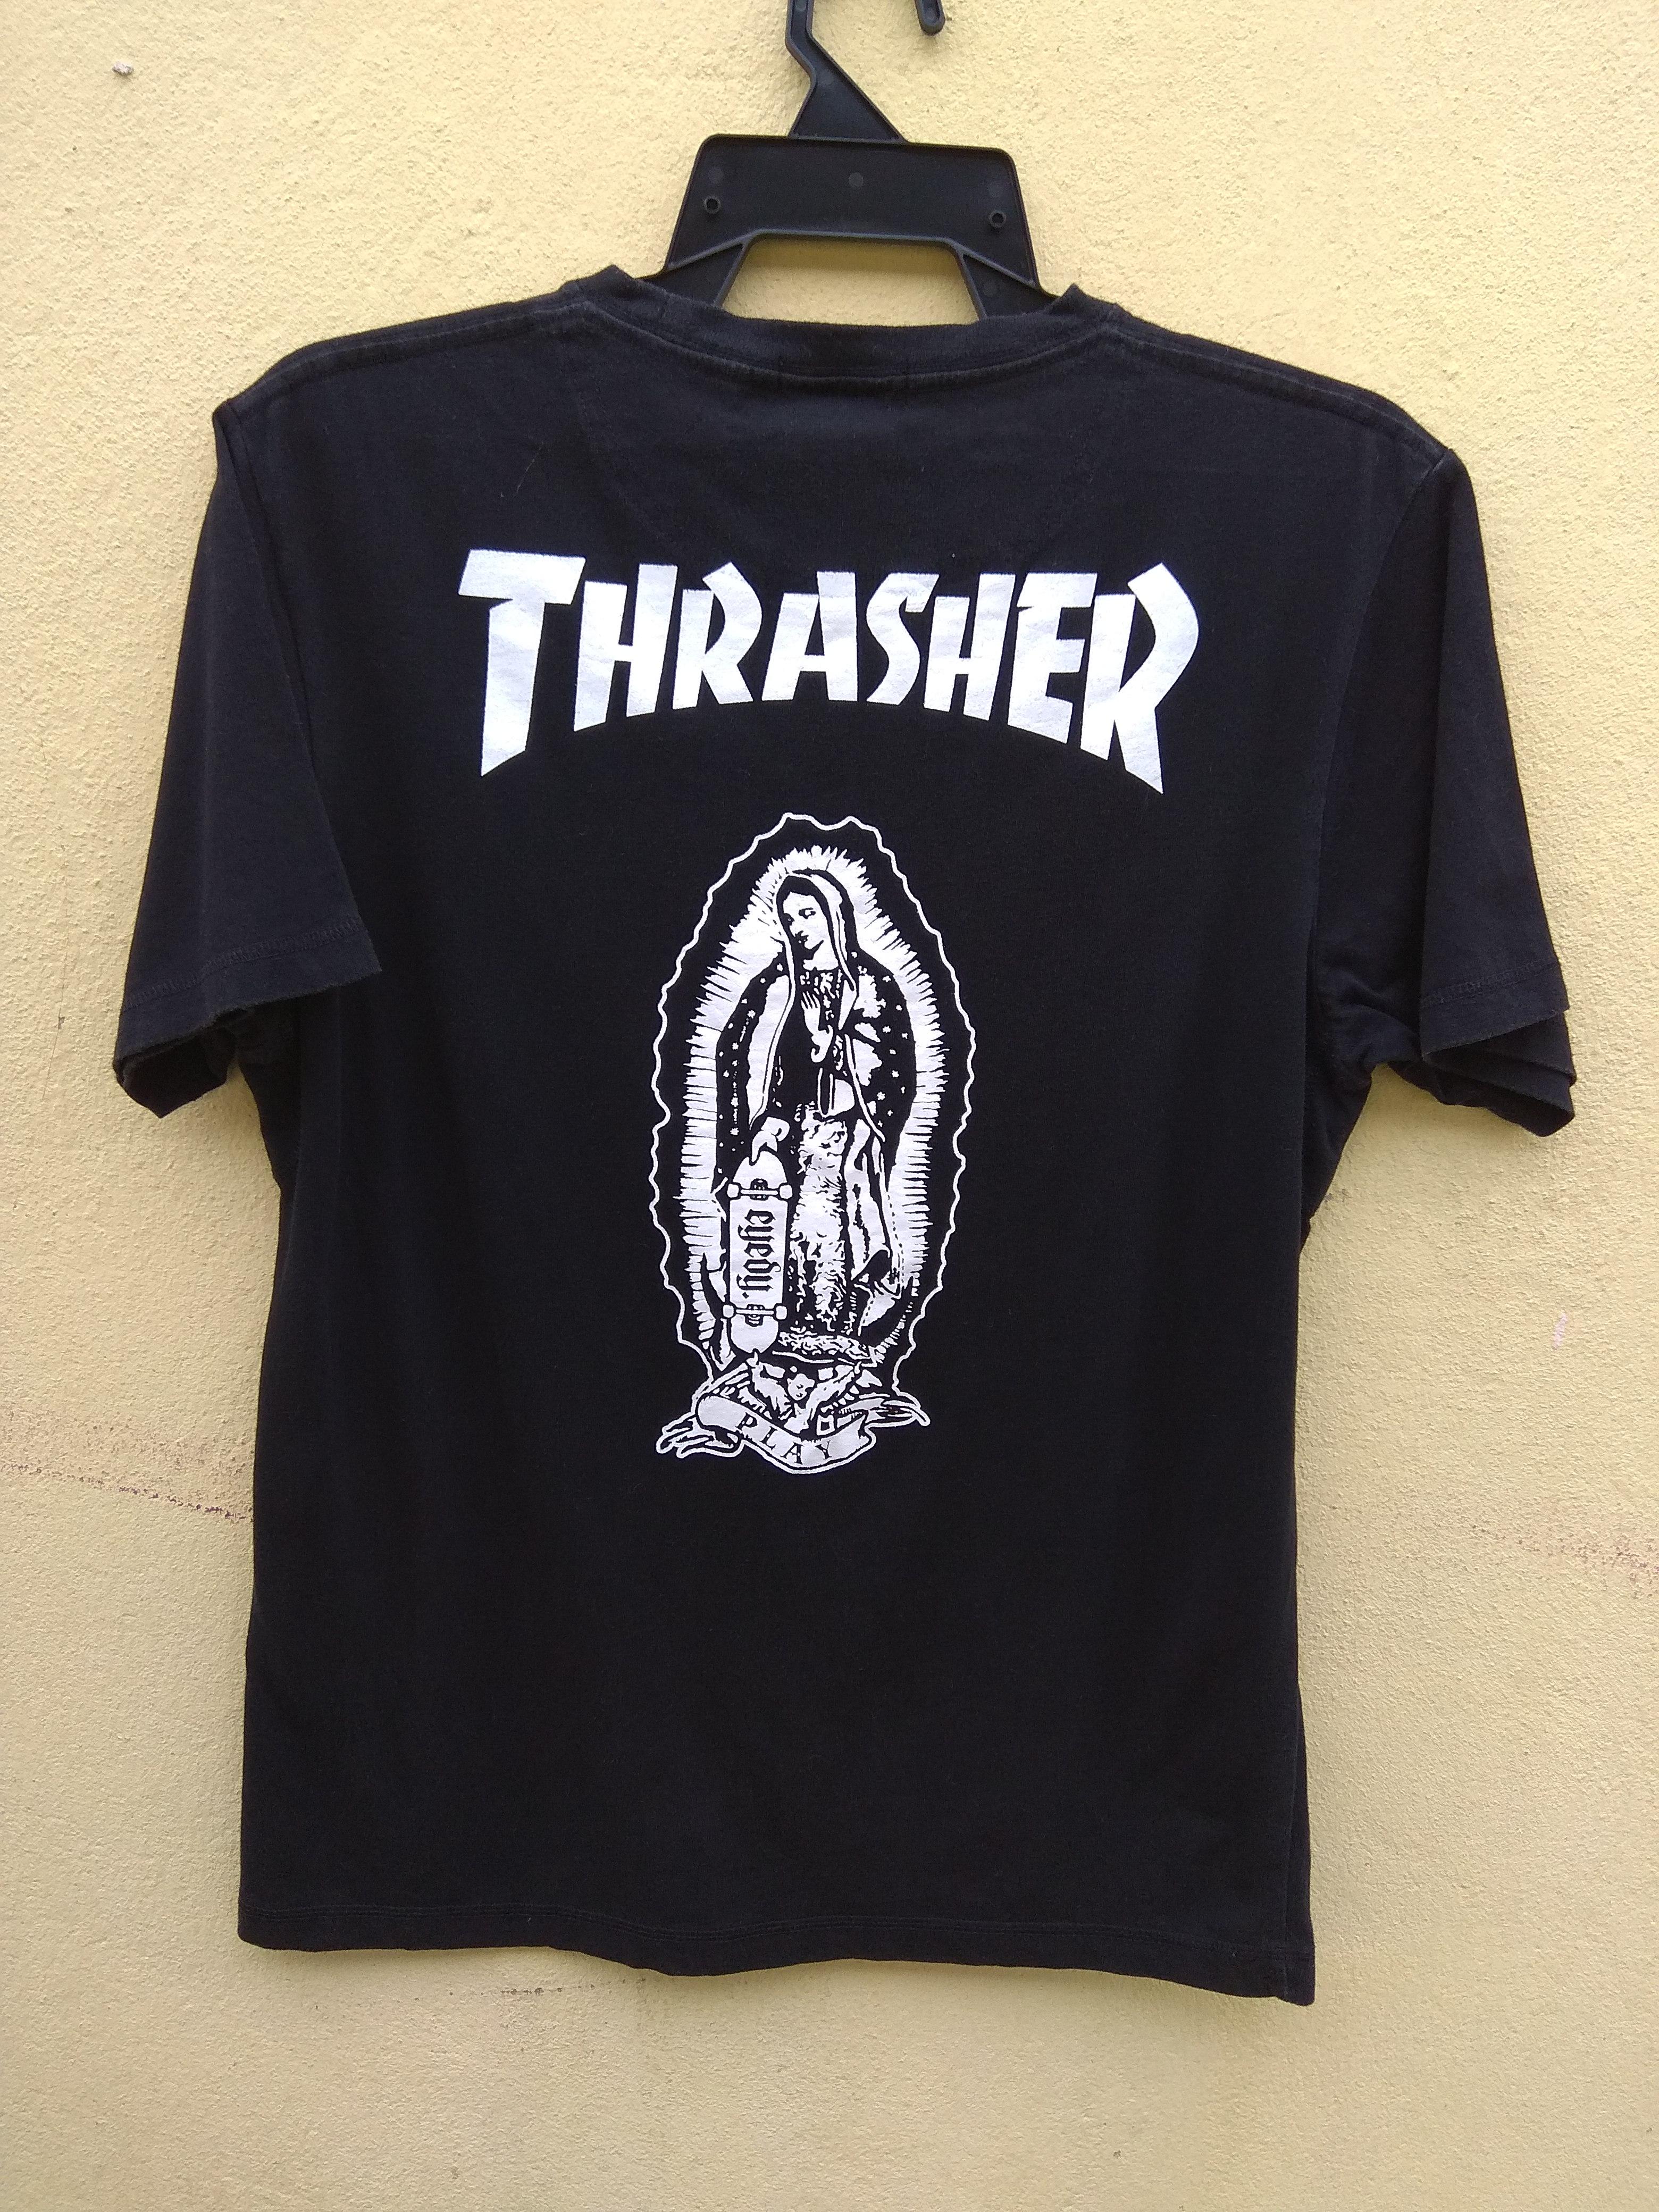 8d6ea6ef7 Thrasher × Brand ×. Rare Thrasher Magazine X Eyedy black t-shirt